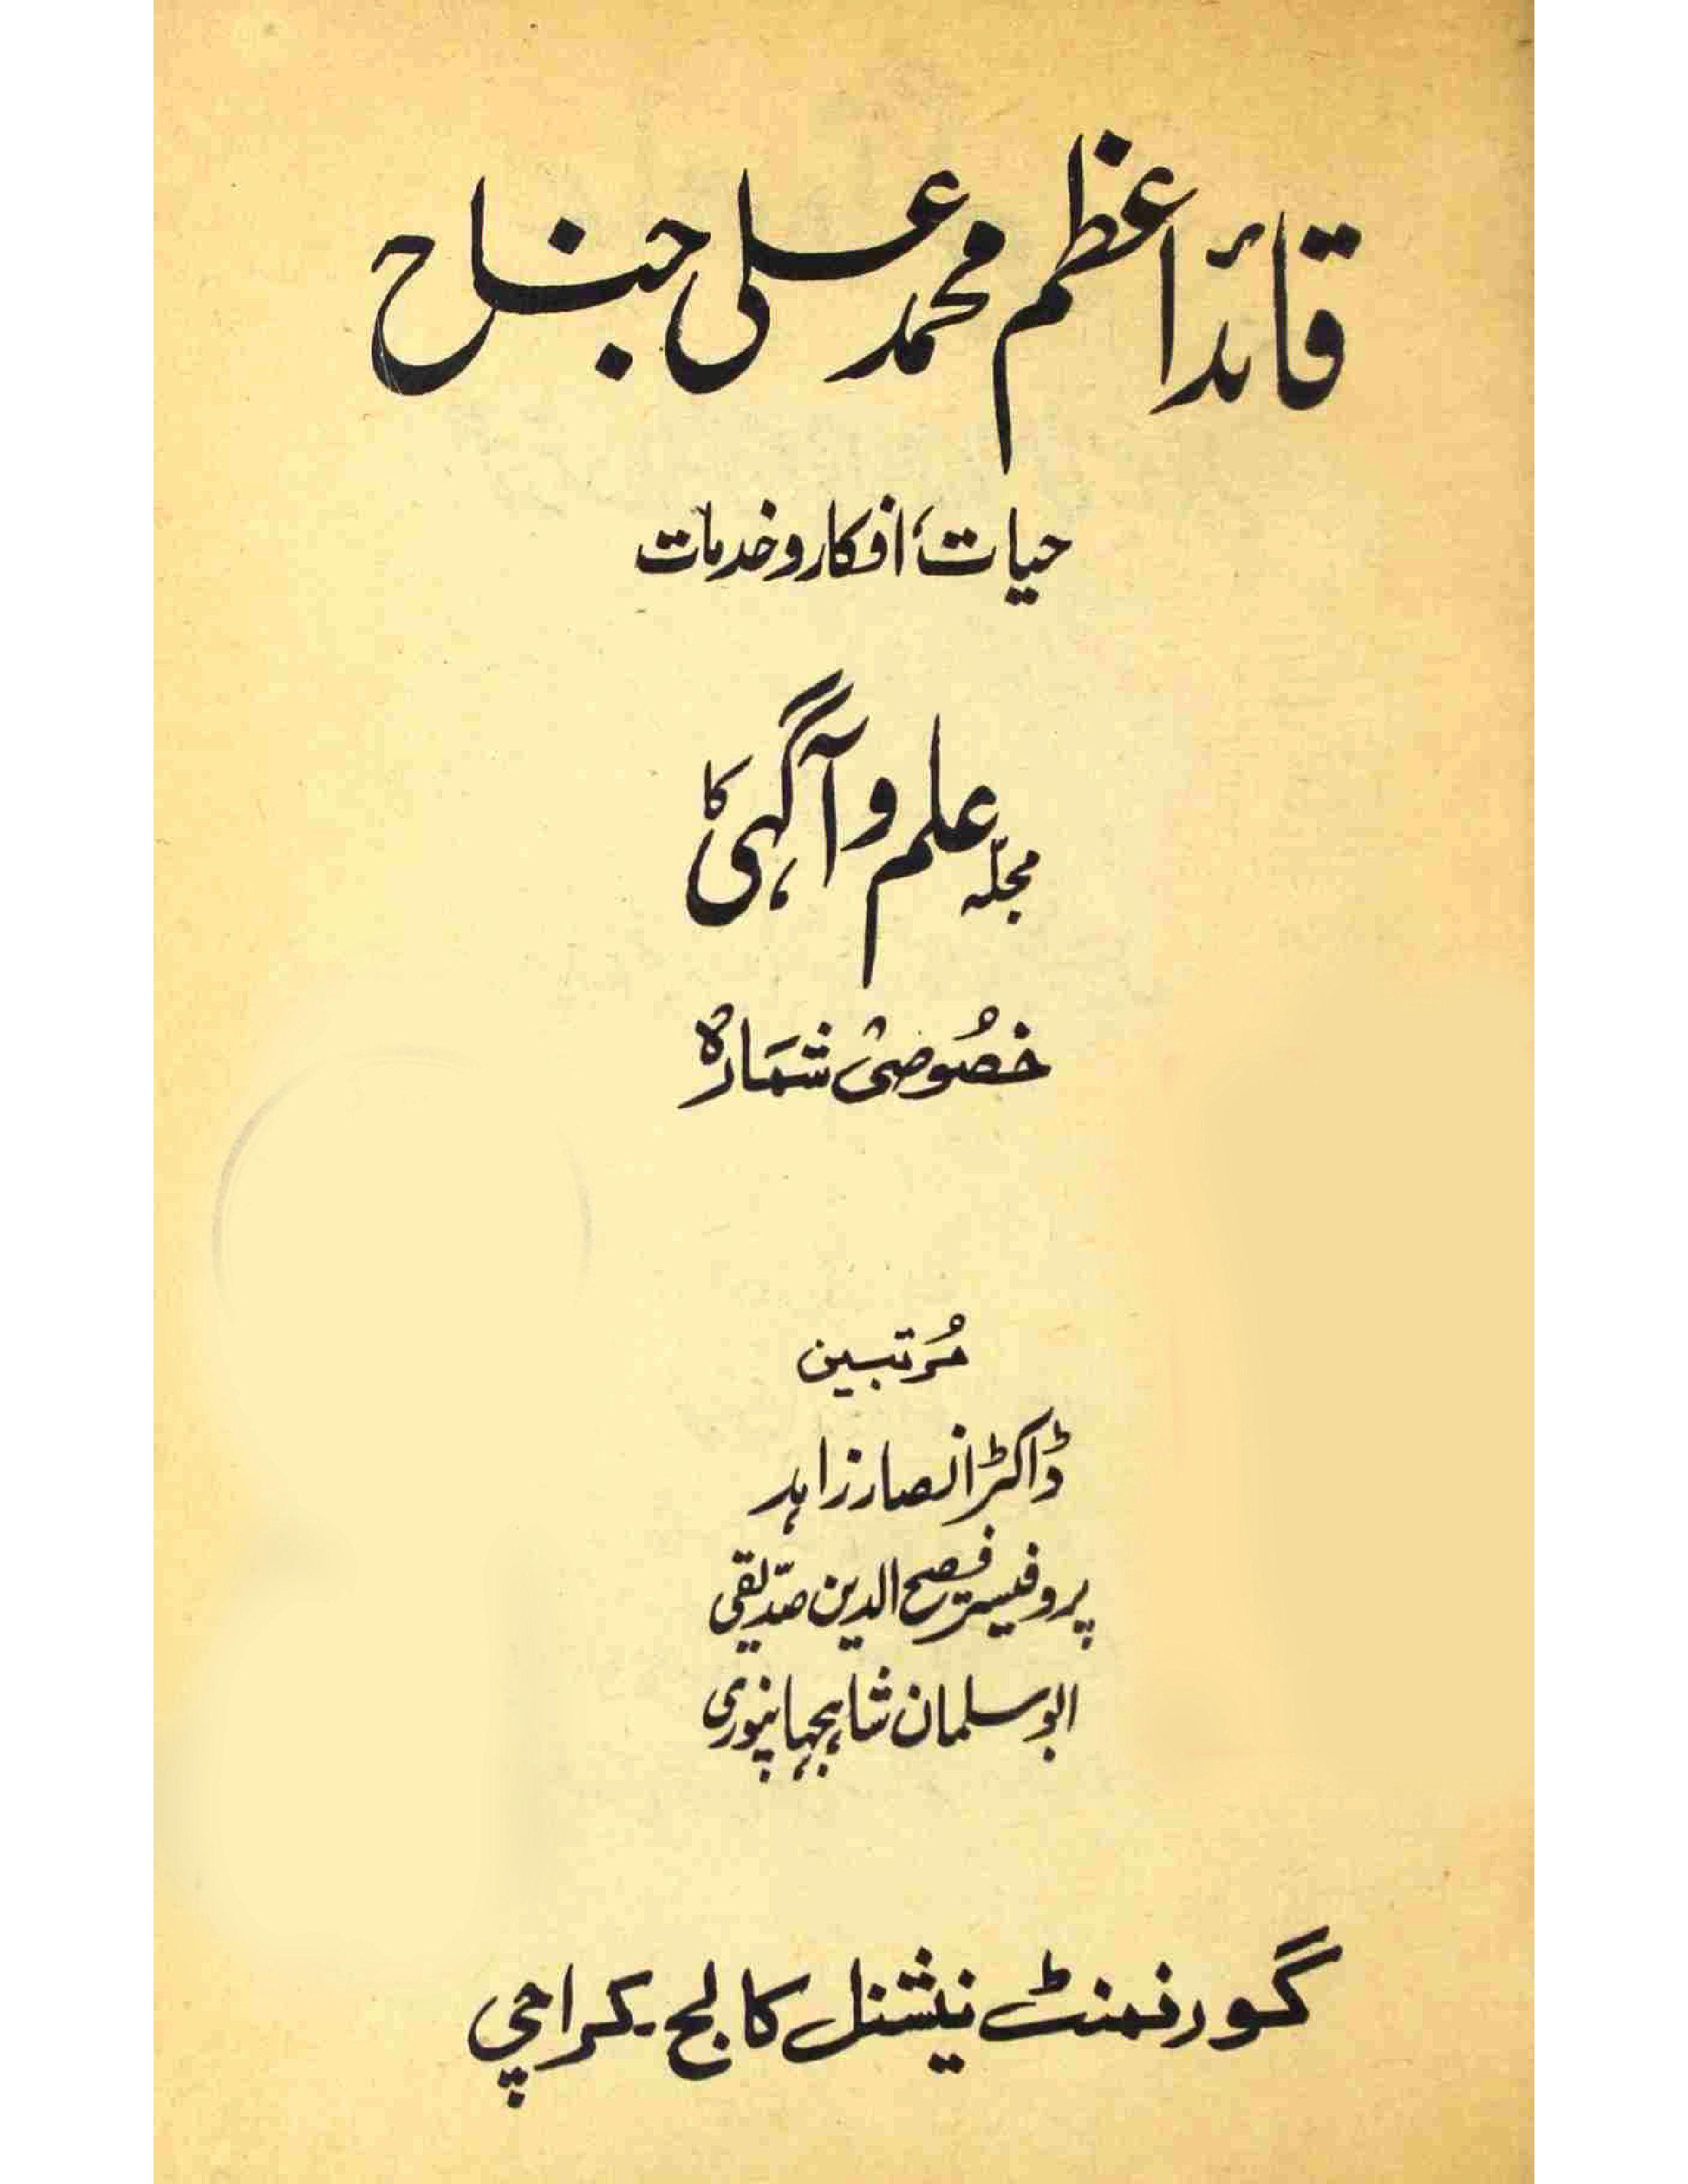 Qayed-e-Azam Mohammad Ali Jinnah Hayat, Afkar-o-Khidmat